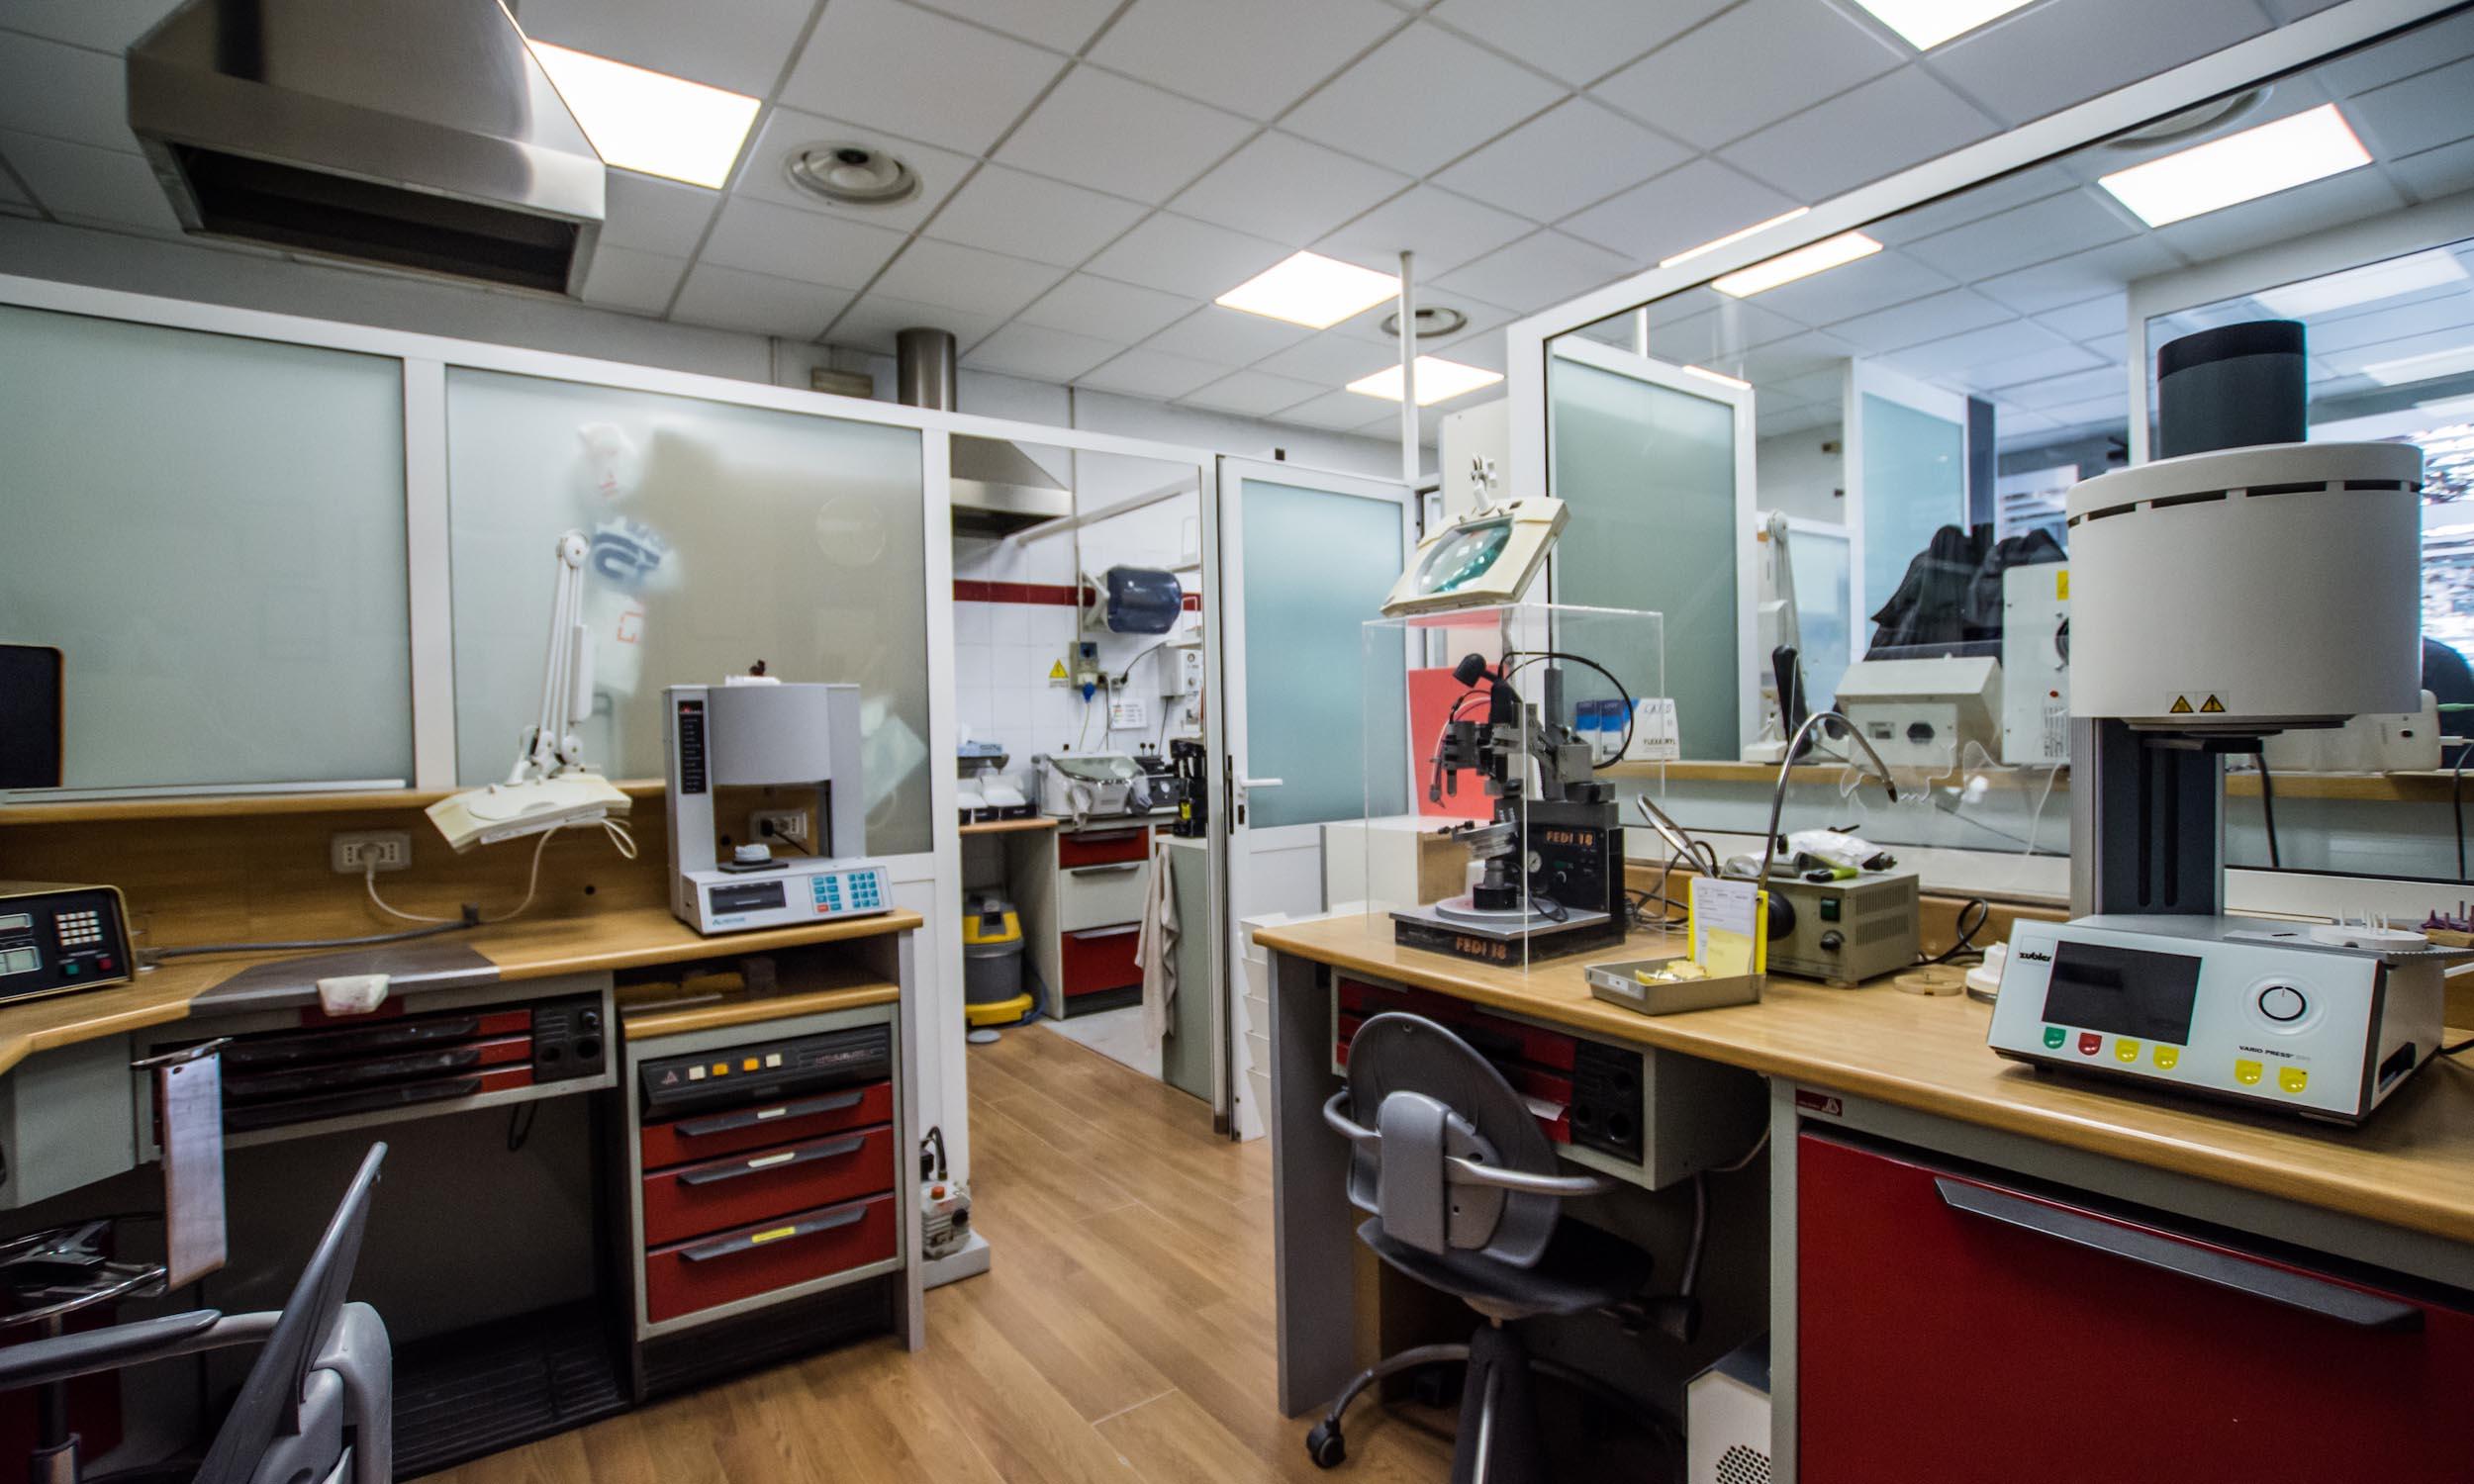 Studio-architettura-interior-design-per-uffici-e-studi-odontoiatrici-roma-12